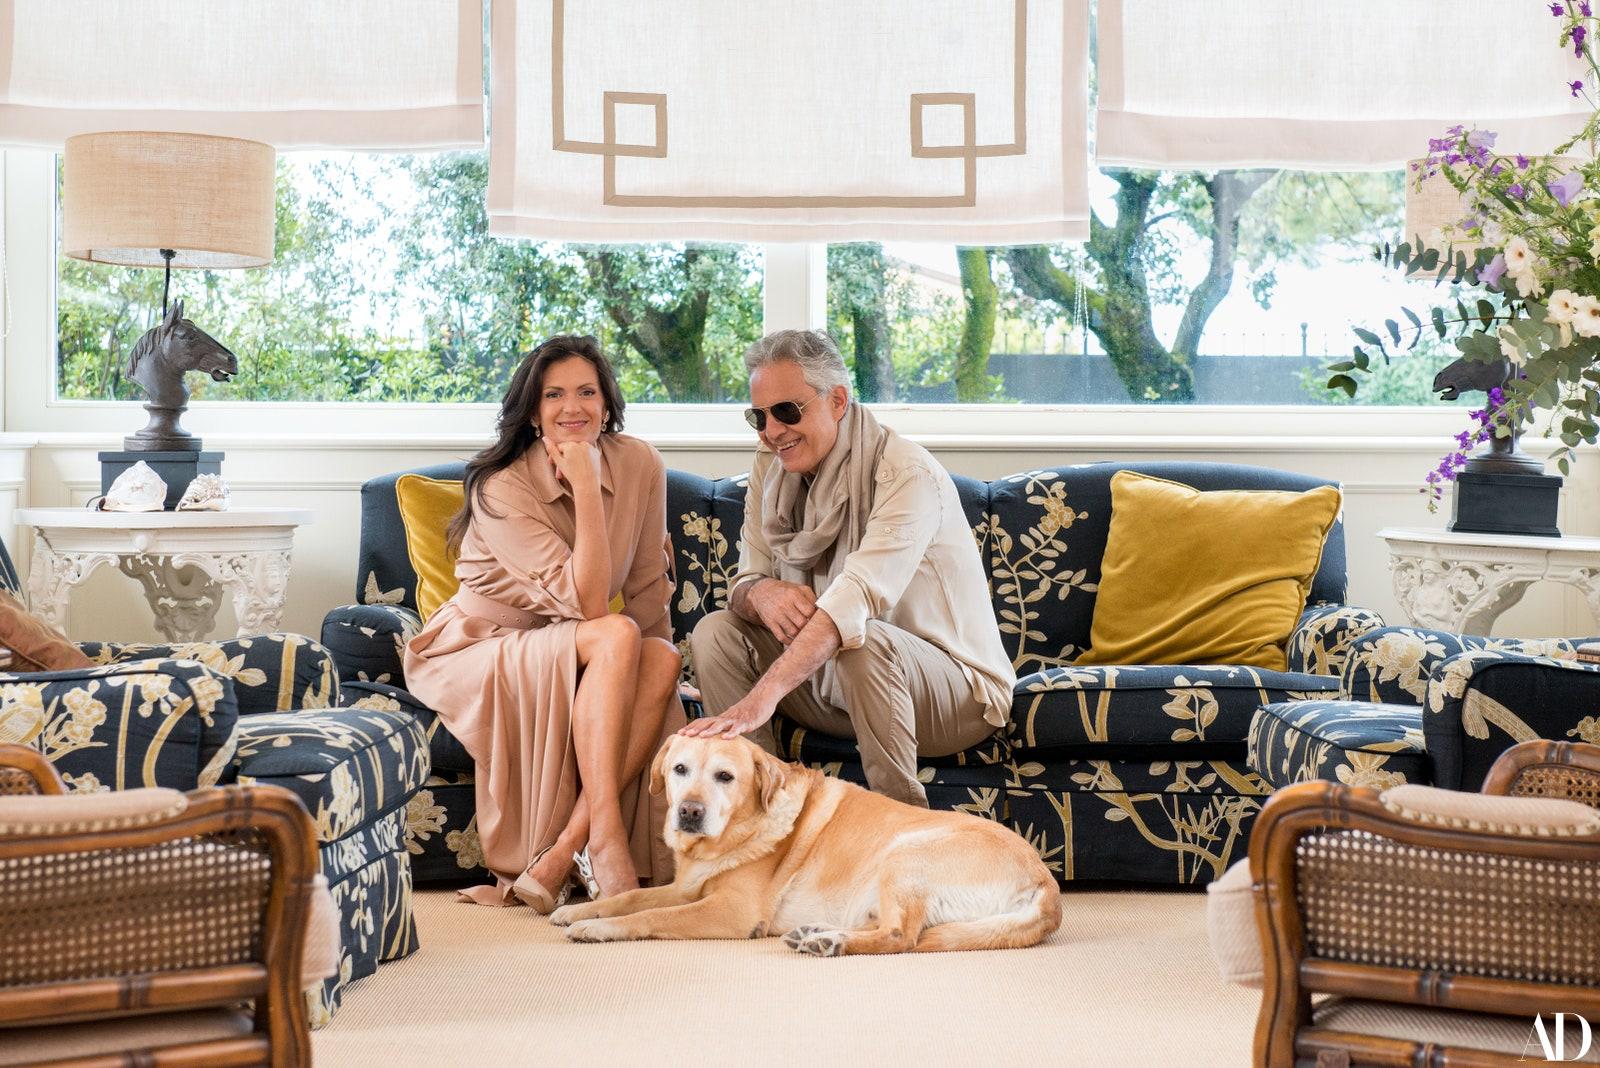 Olasz elegancia Toszkána szívében – Andrea Bocelli lenyűgöző tengerparti otthona